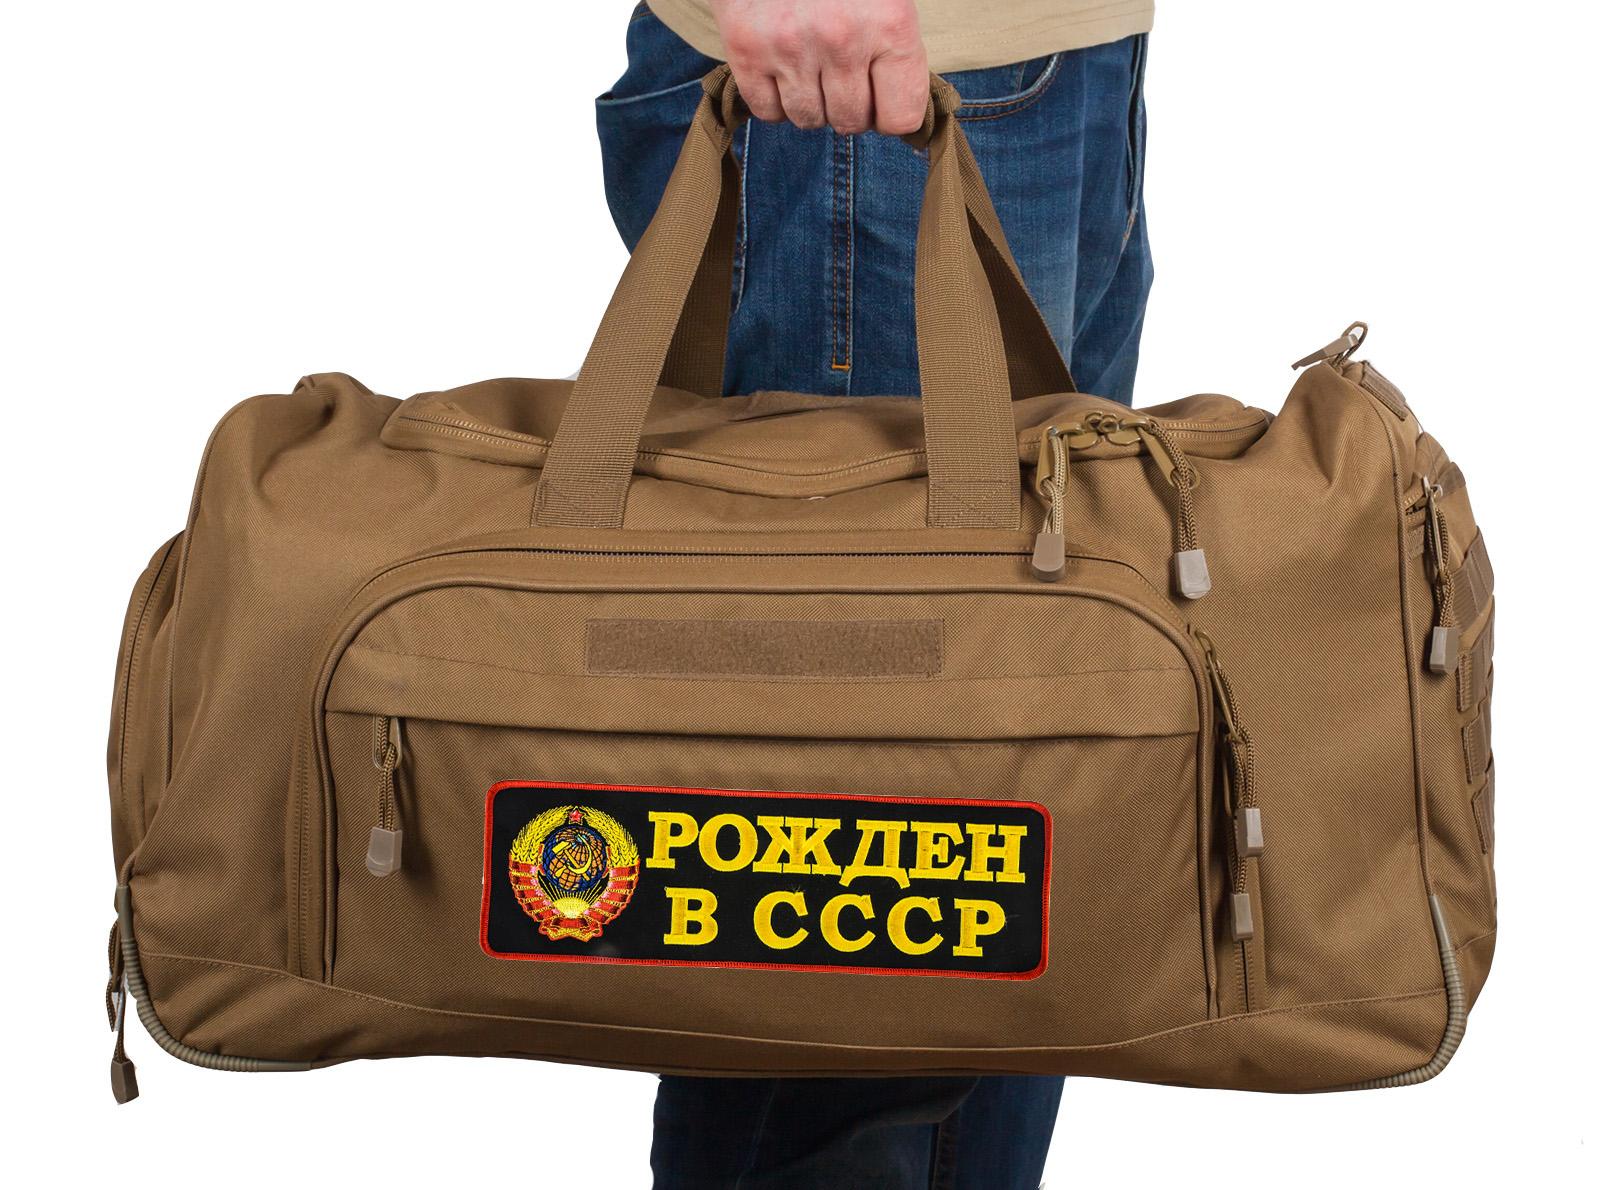 Купить тактическую дорожную сумку Рожденный в СССР по выгодной цене